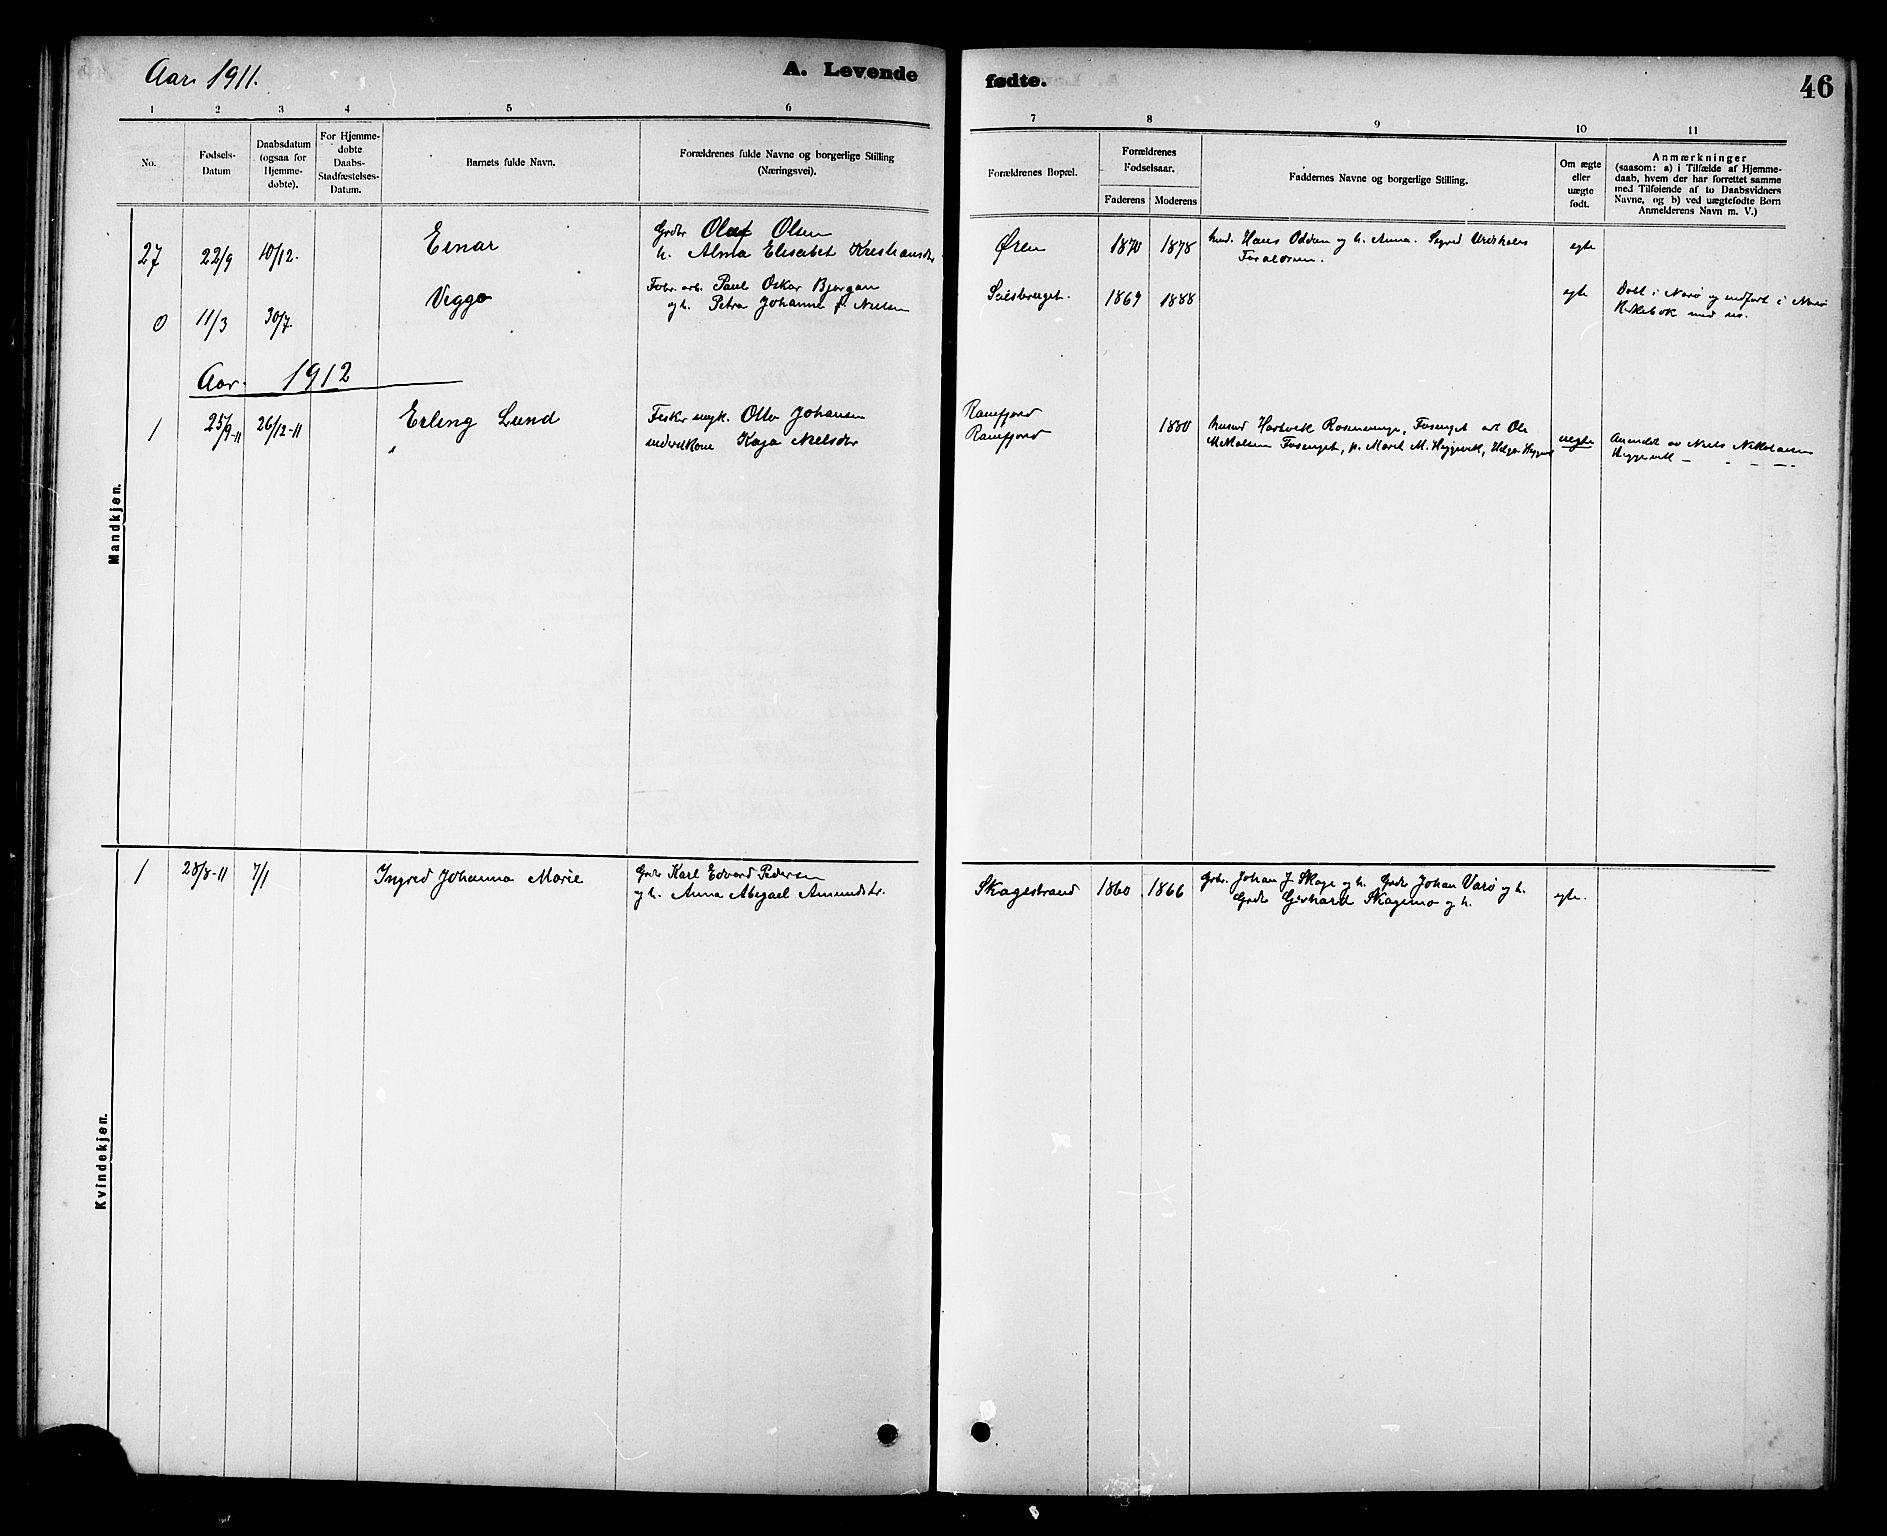 SAT, Ministerialprotokoller, klokkerbøker og fødselsregistre - Nord-Trøndelag, 780/L0652: Klokkerbok nr. 780C04, 1899-1911, s. 46